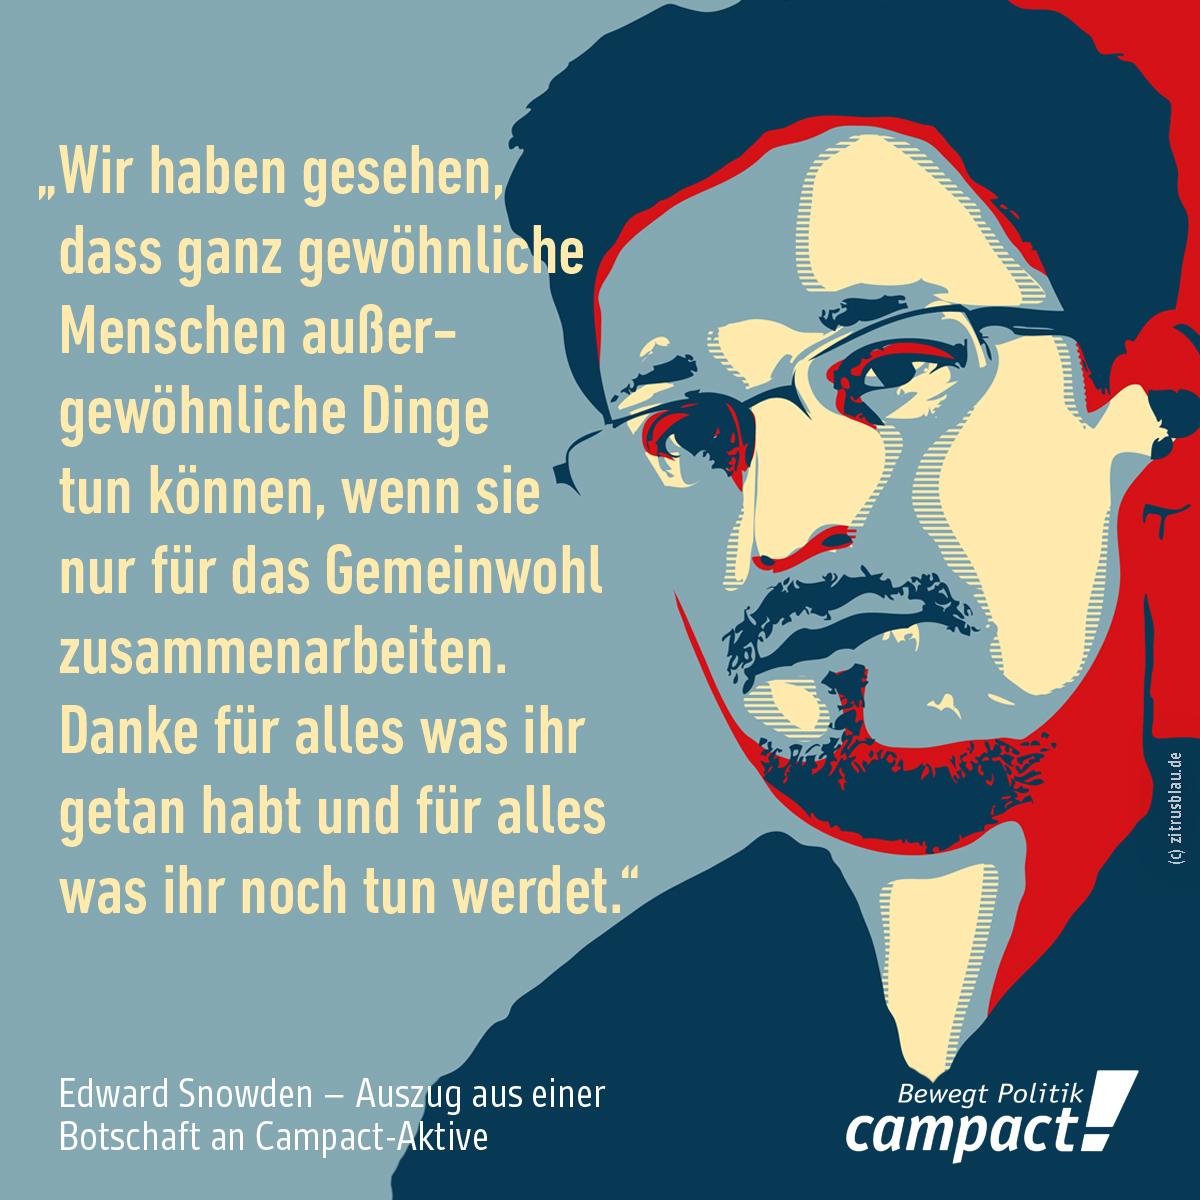 Zitat von Edward Snowden - Auszug aus einer Botschaft an Campact-Aktive. Grafik: Zitrusblau/Campact